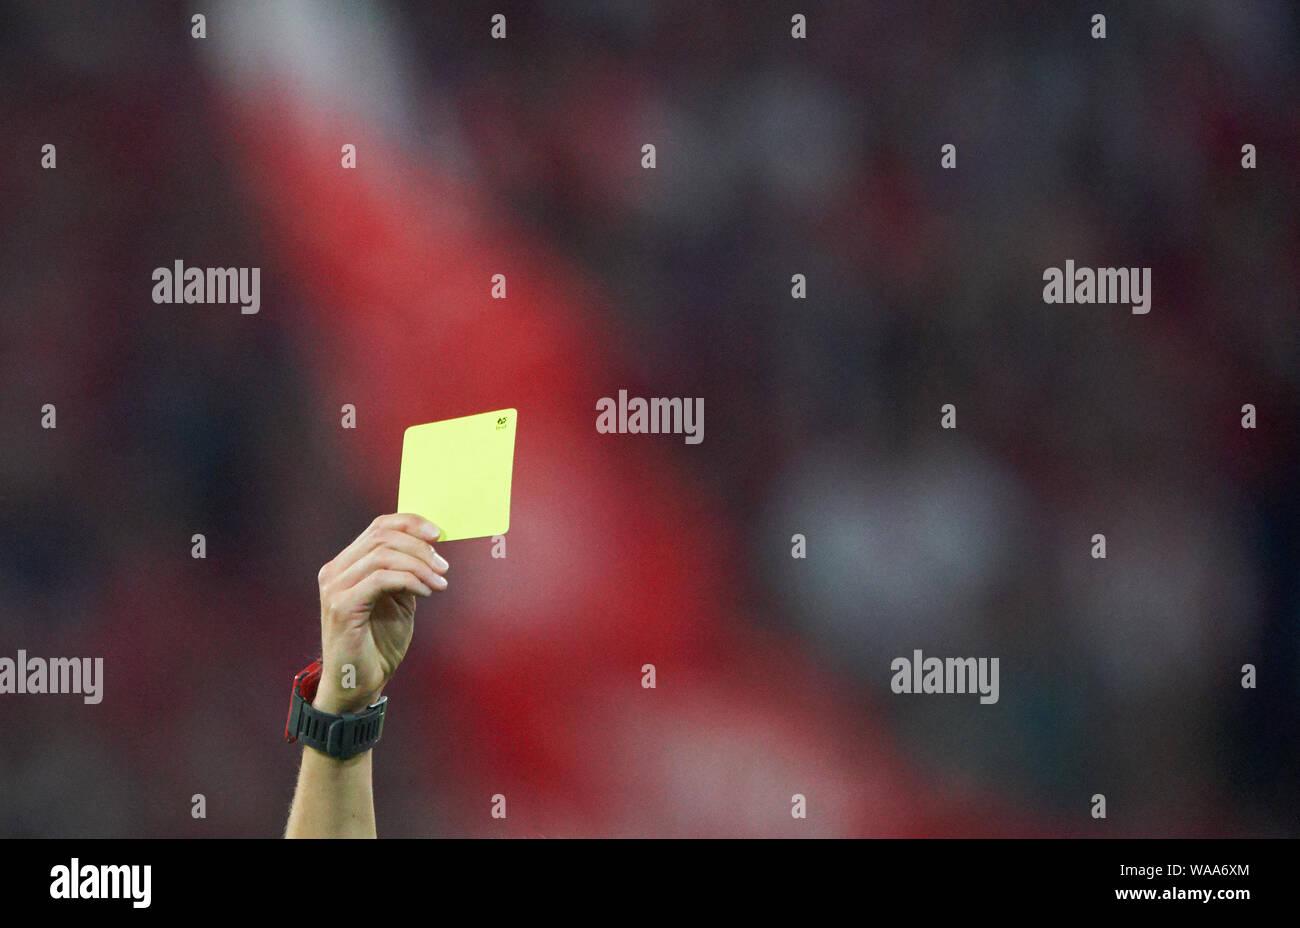 Symbol Illustration Funktion Schiedsrichter Zeigt Die